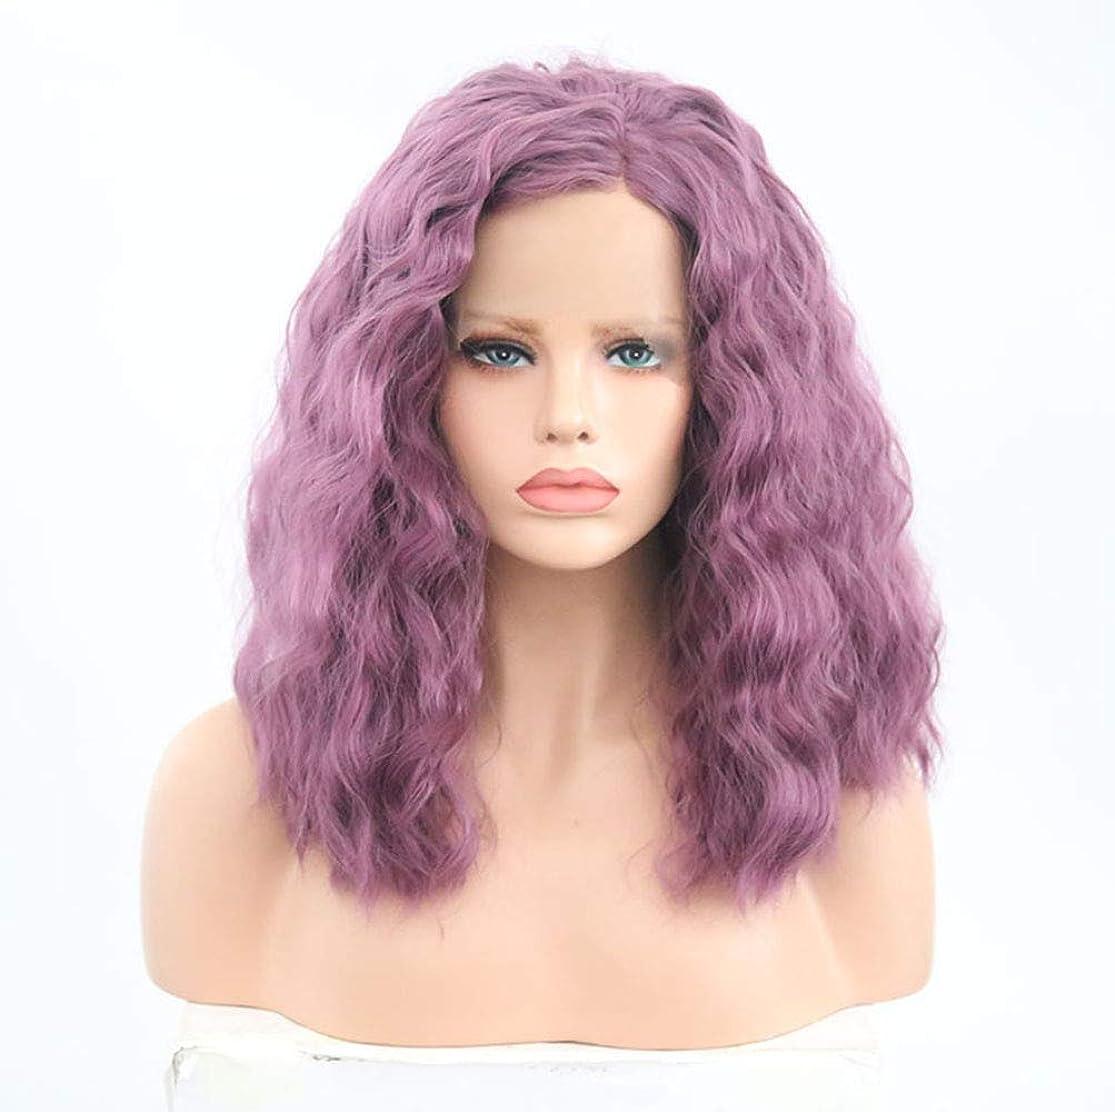 注ぎますパドル疎外かつら女性フロントレース150%密度ふわふわショートヘア波状カーリー合成繊維かつら紫色16インチ